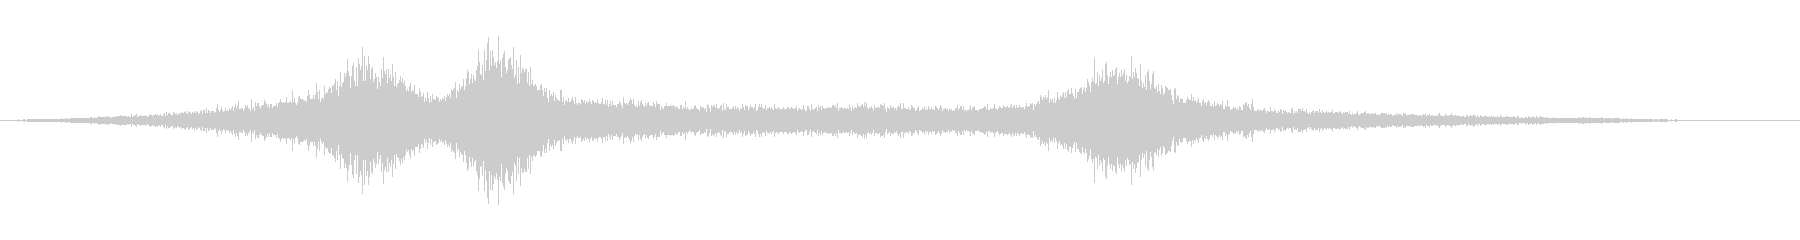 【生録音】 早朝の街 交通 環境音 9の未再生の波形